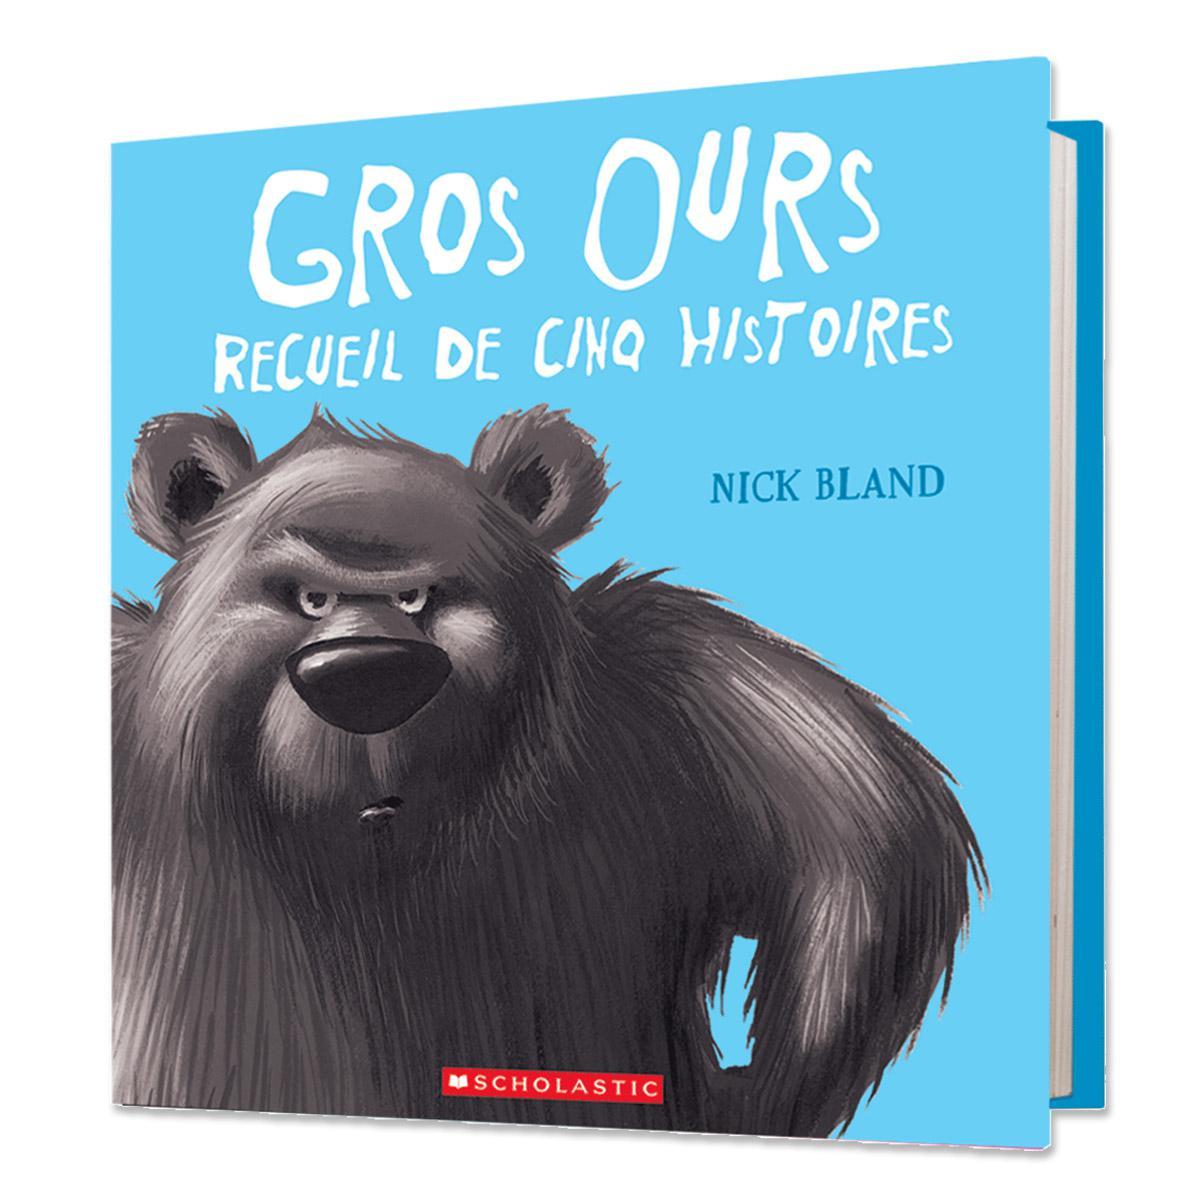 Gros ours : Recueil de cinq histoires